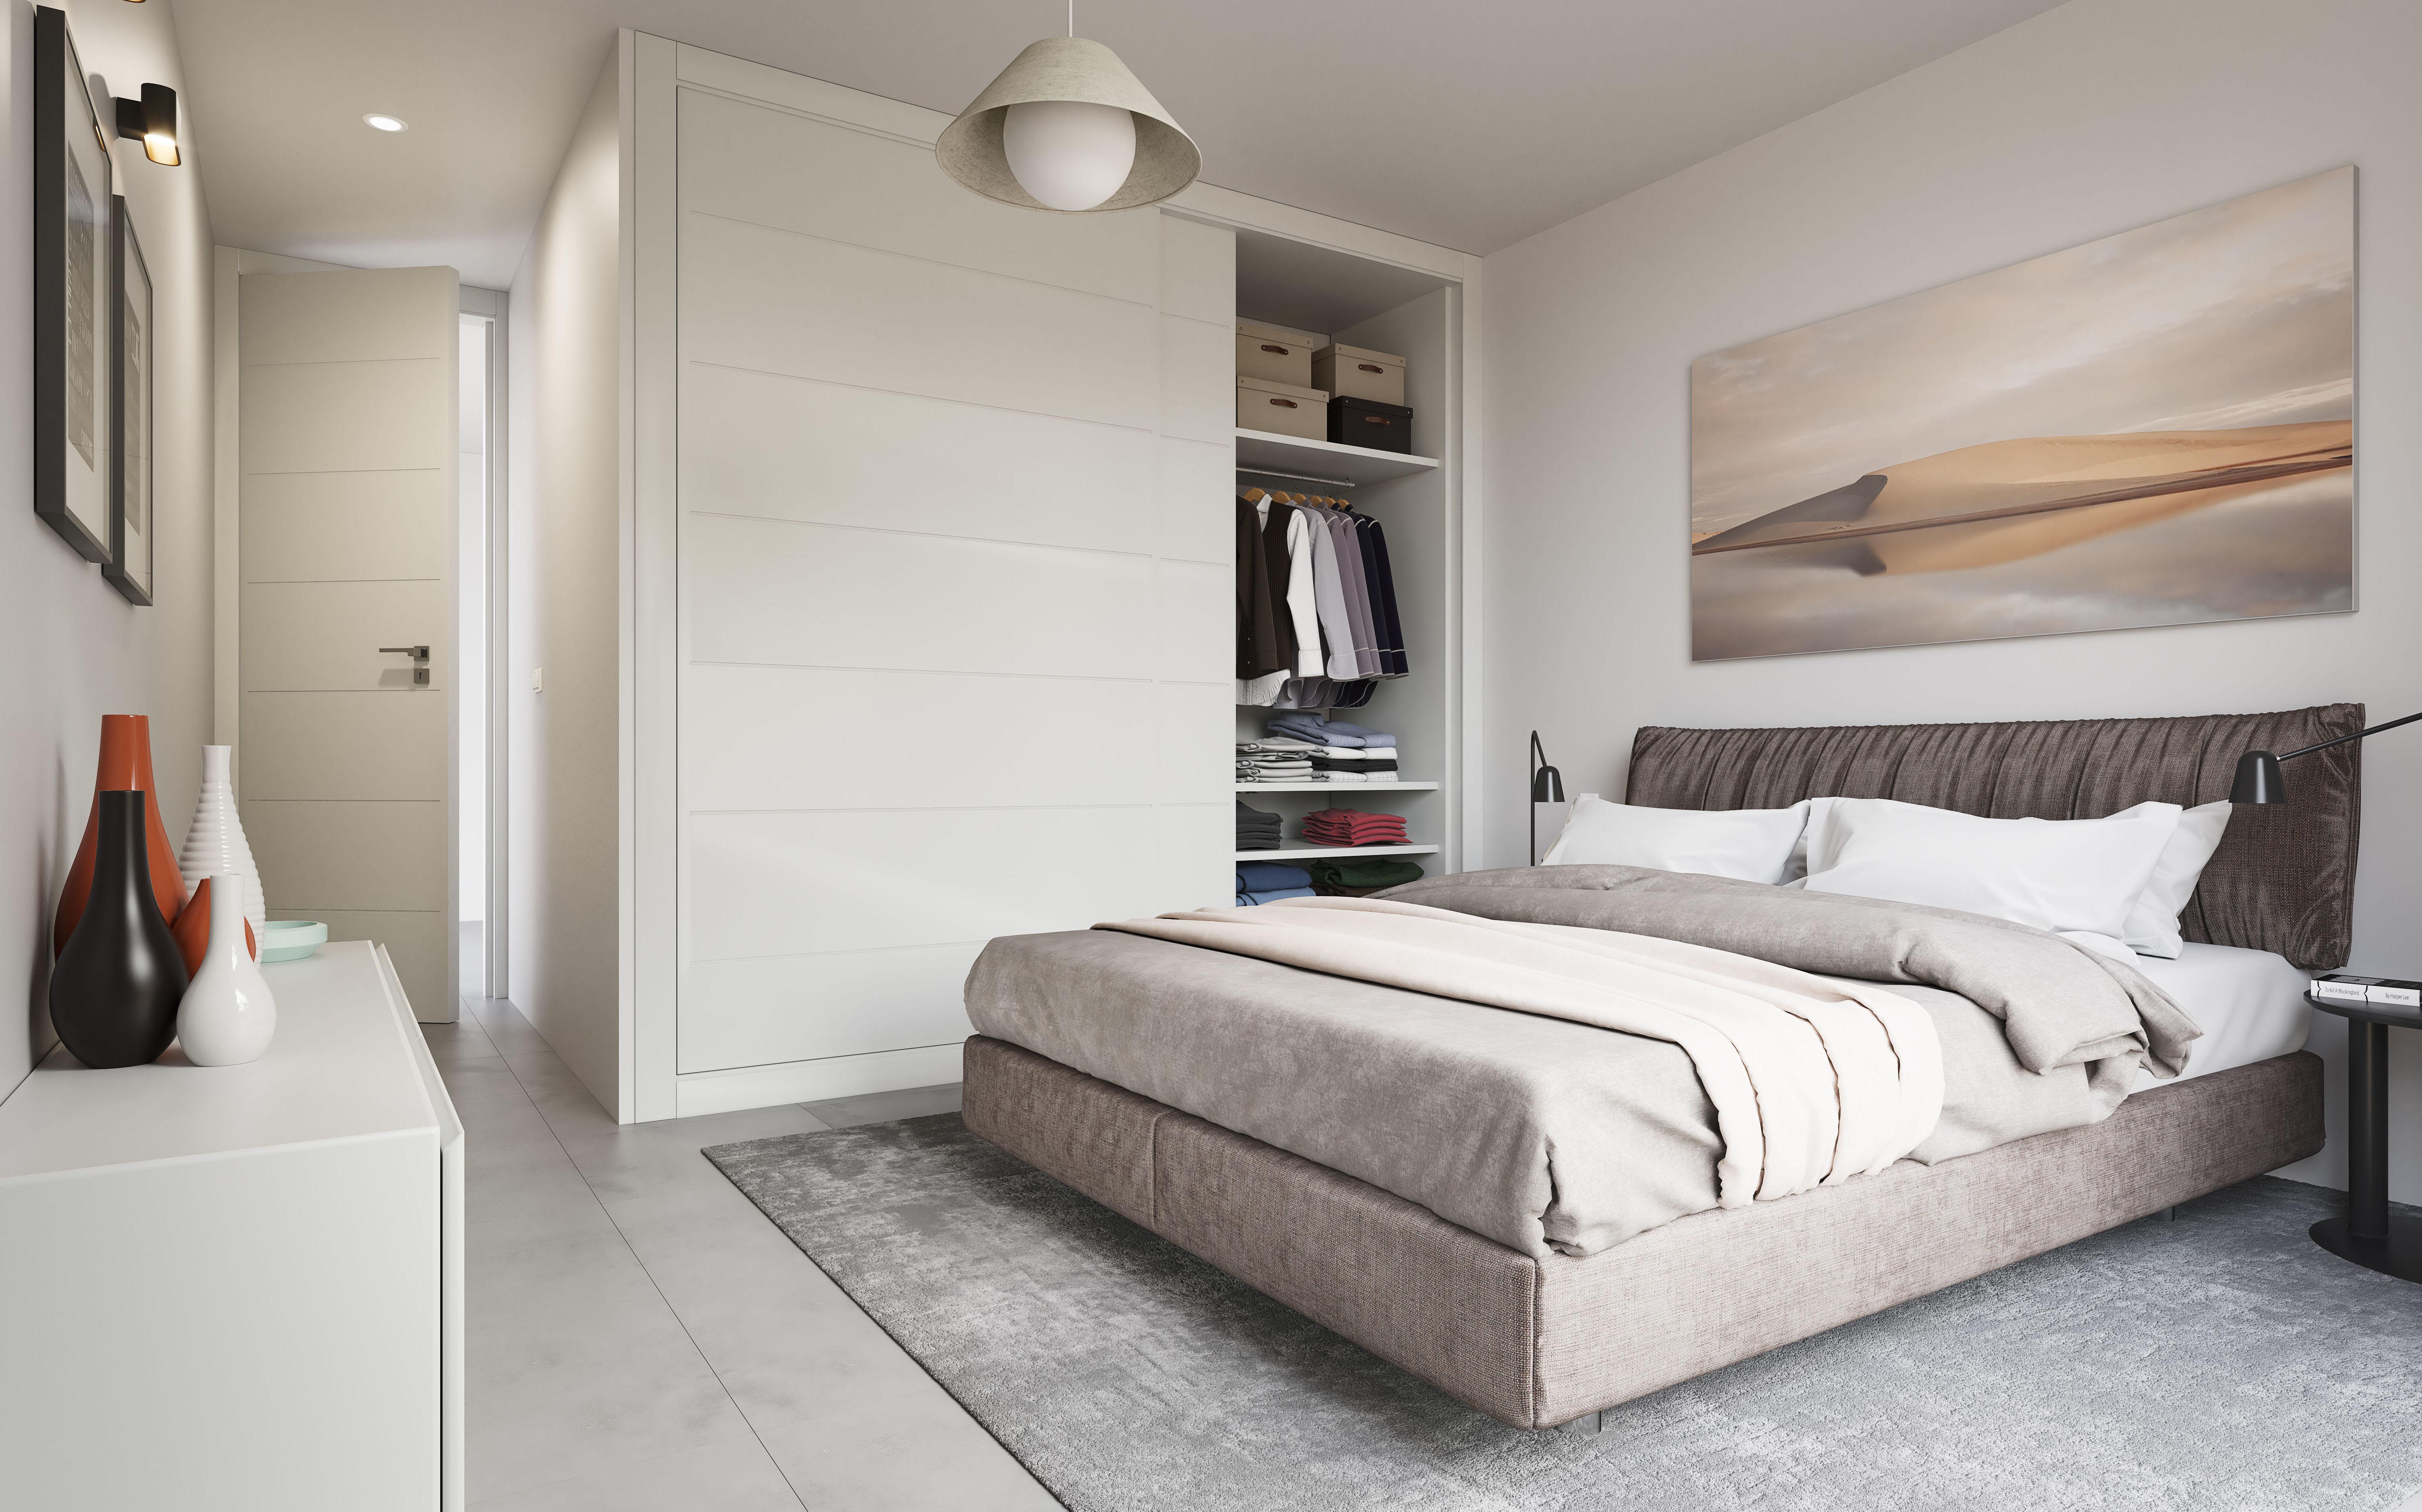 Dormitorio en viviendas pareadas.